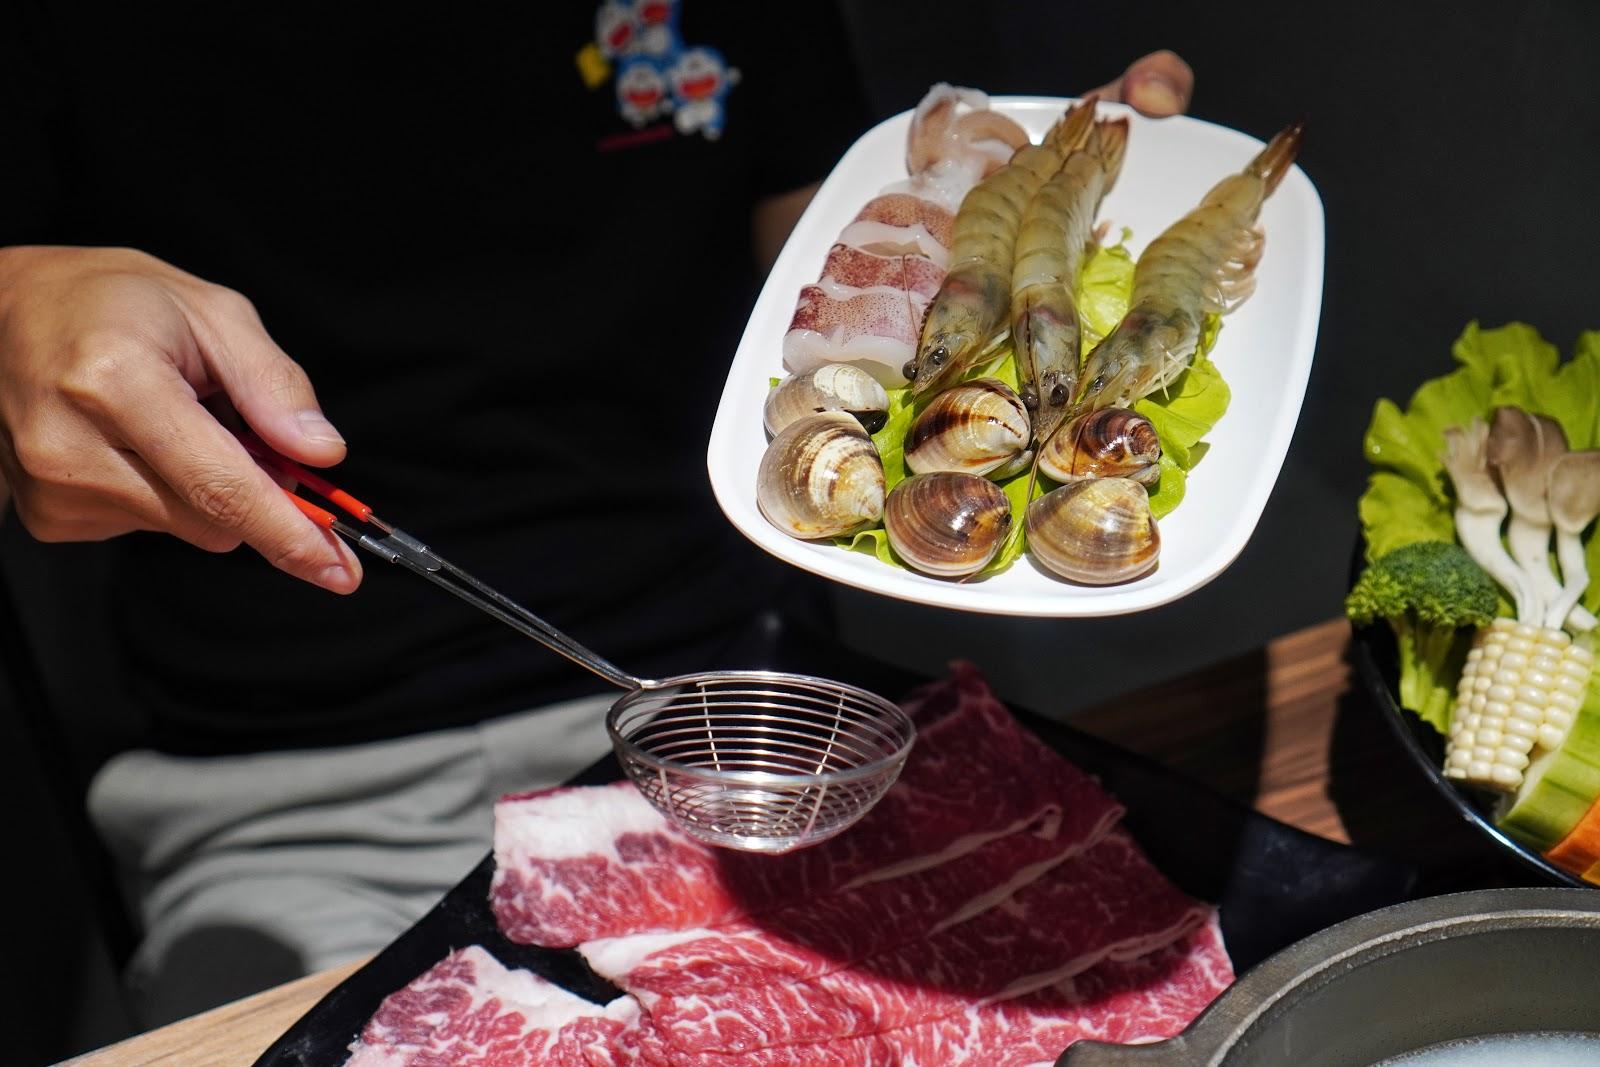 台南東區美食【就愛這鍋 麻辣鍋】海鮮拼盤